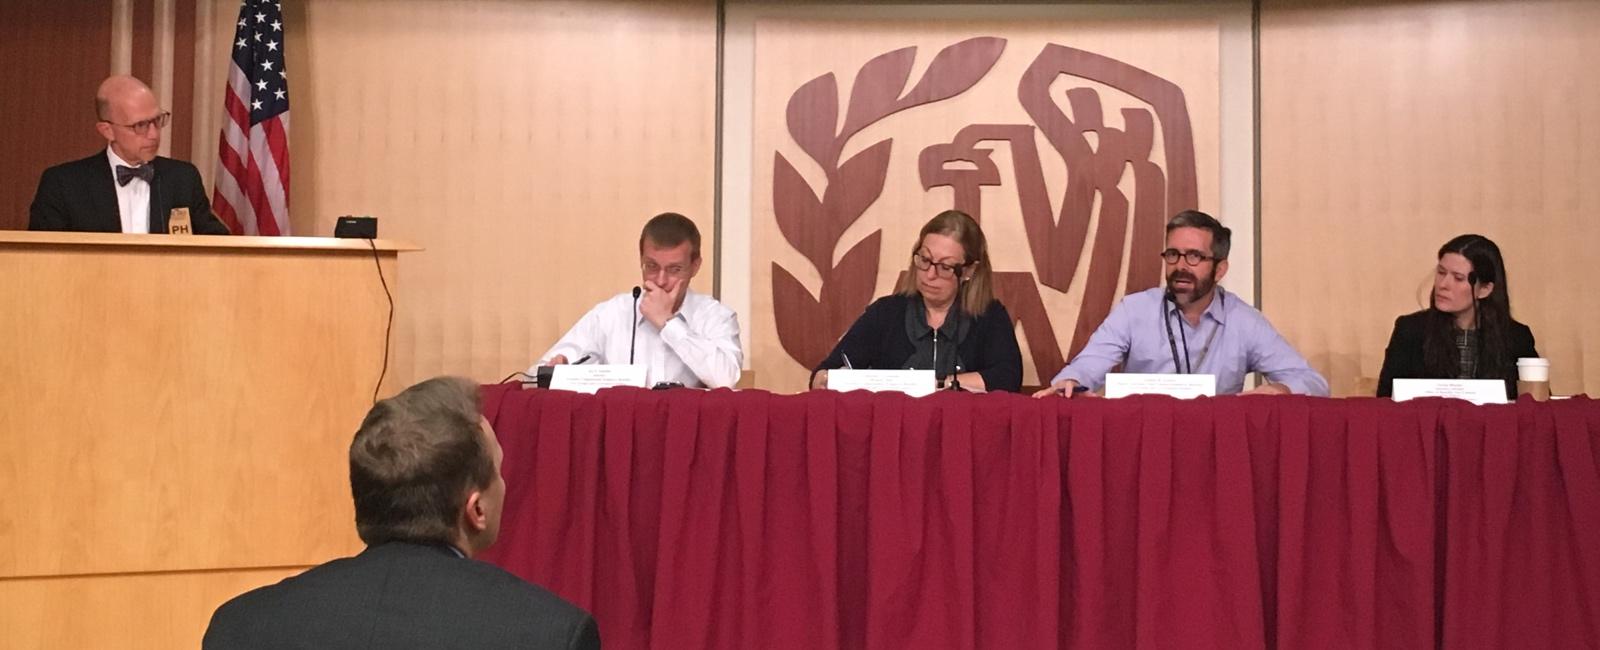 Kirk Sherman presenting to IRS panel. (Photo credit: Norma Sharara)